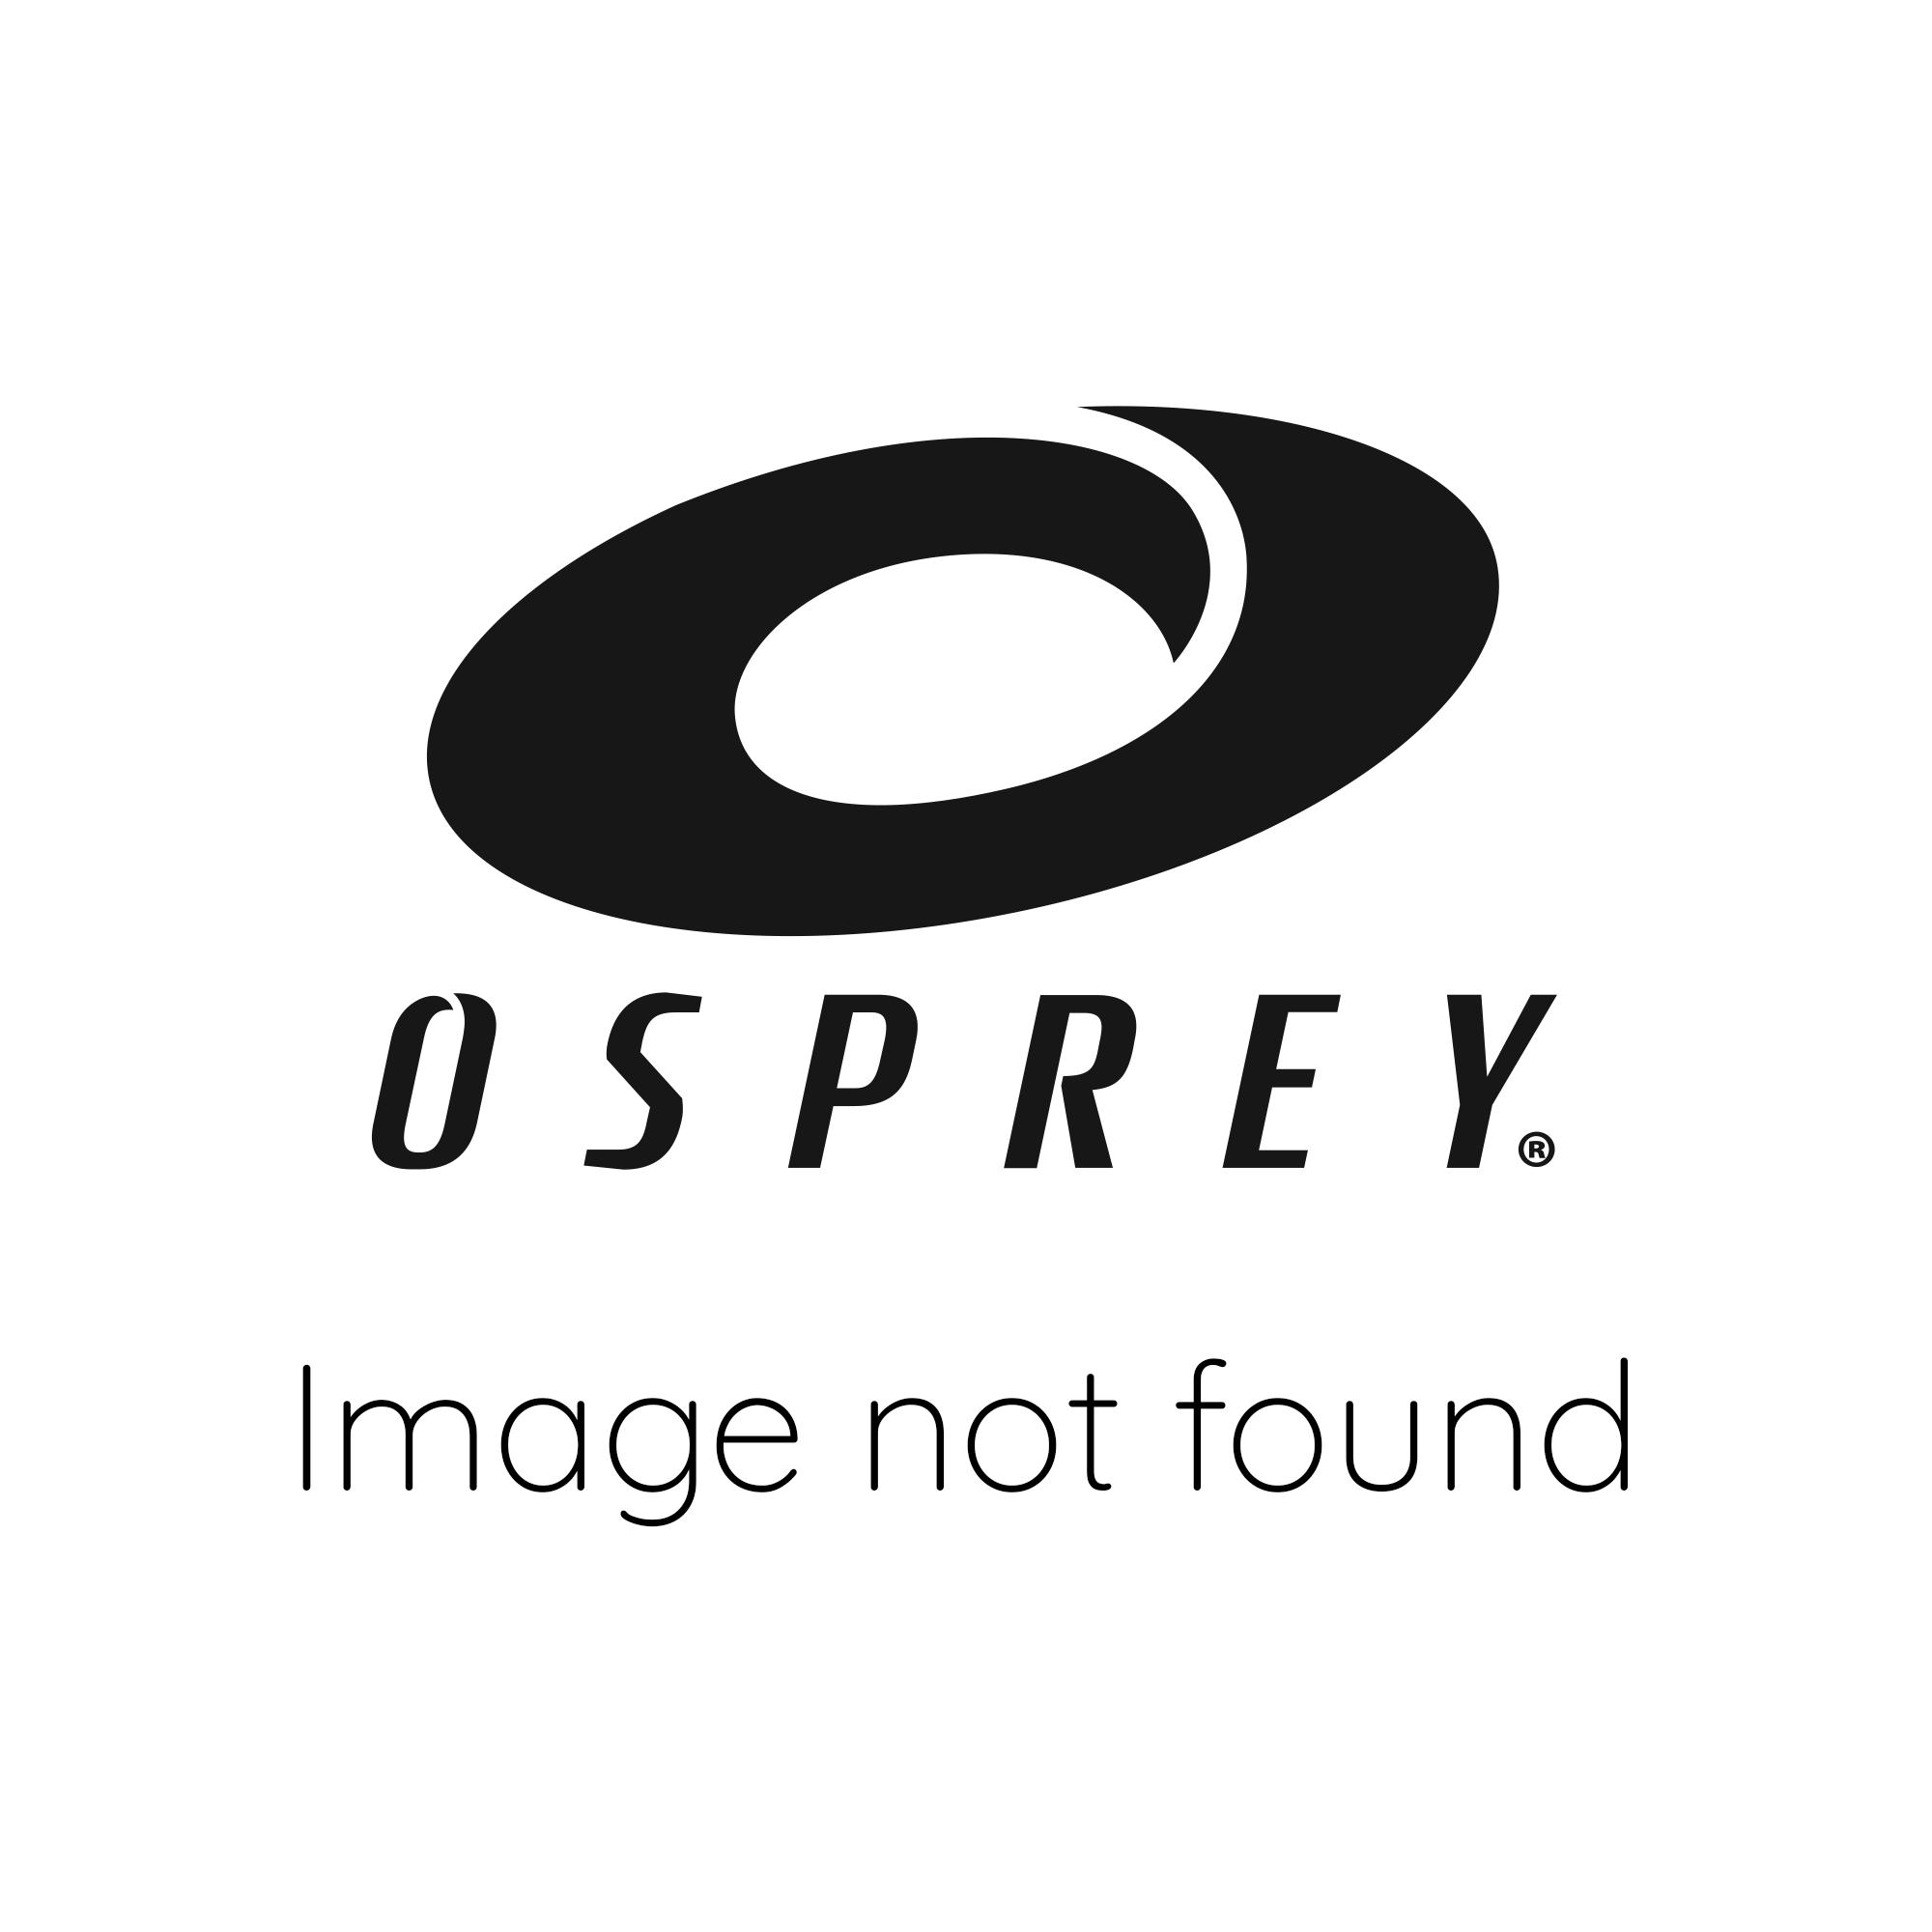 Osprey Unisex Waterproof Spray Segeljacke